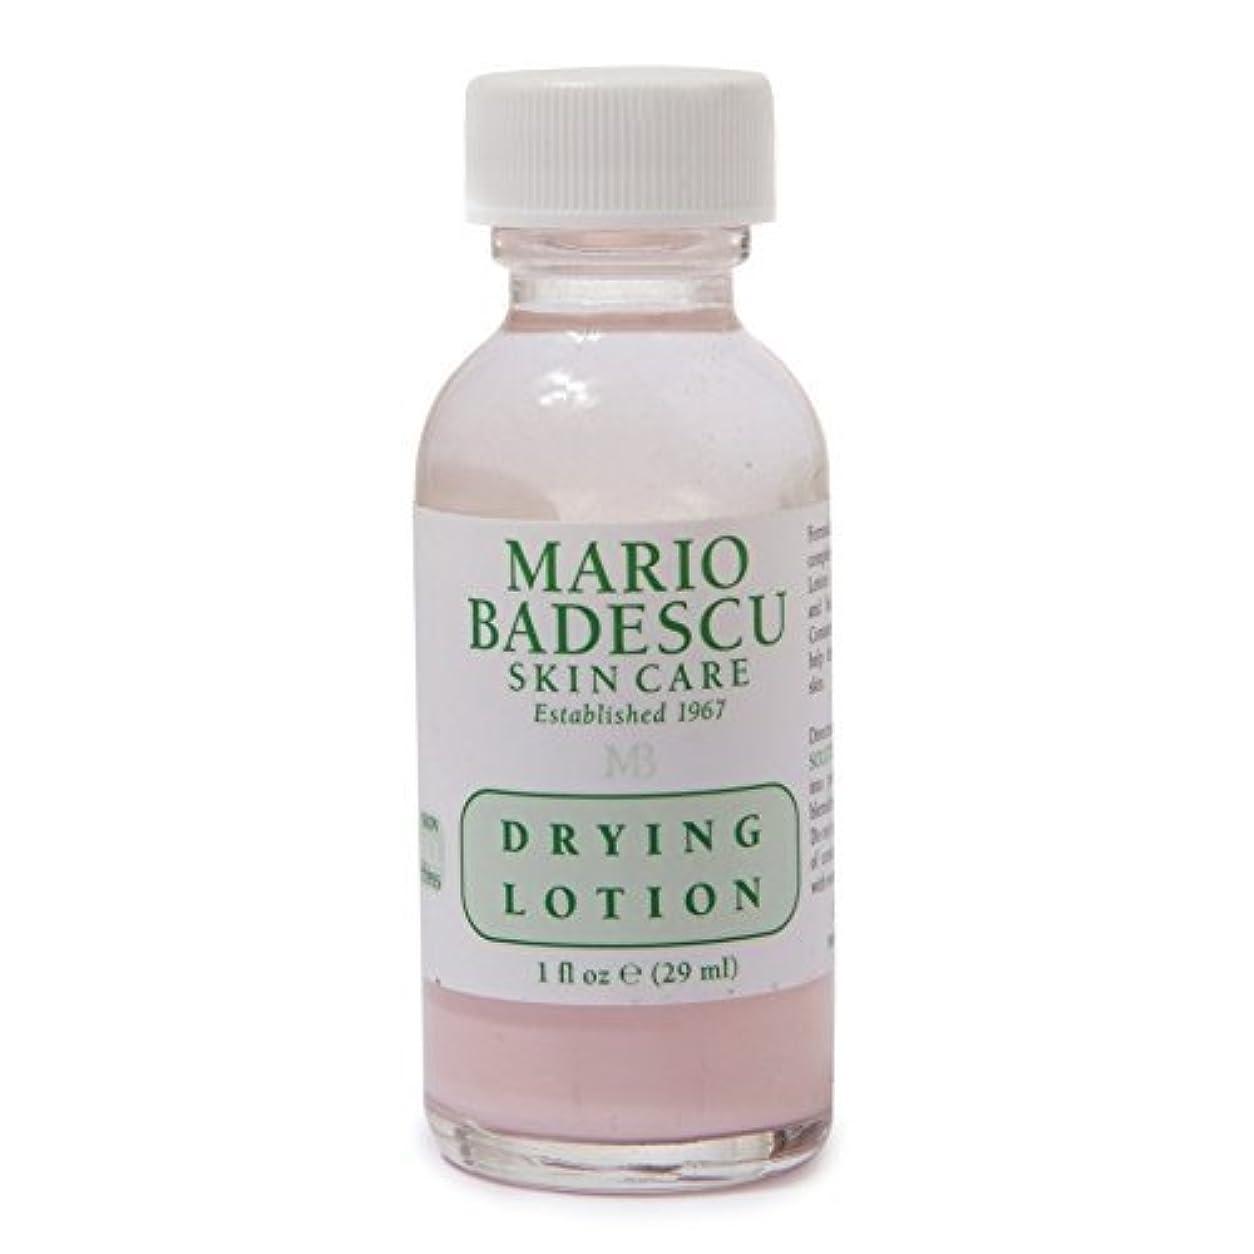 政策ウェブオレンジMario Badescu Drying Lotion 29ml - マリオ乾燥ローション29ミリリットル [並行輸入品]